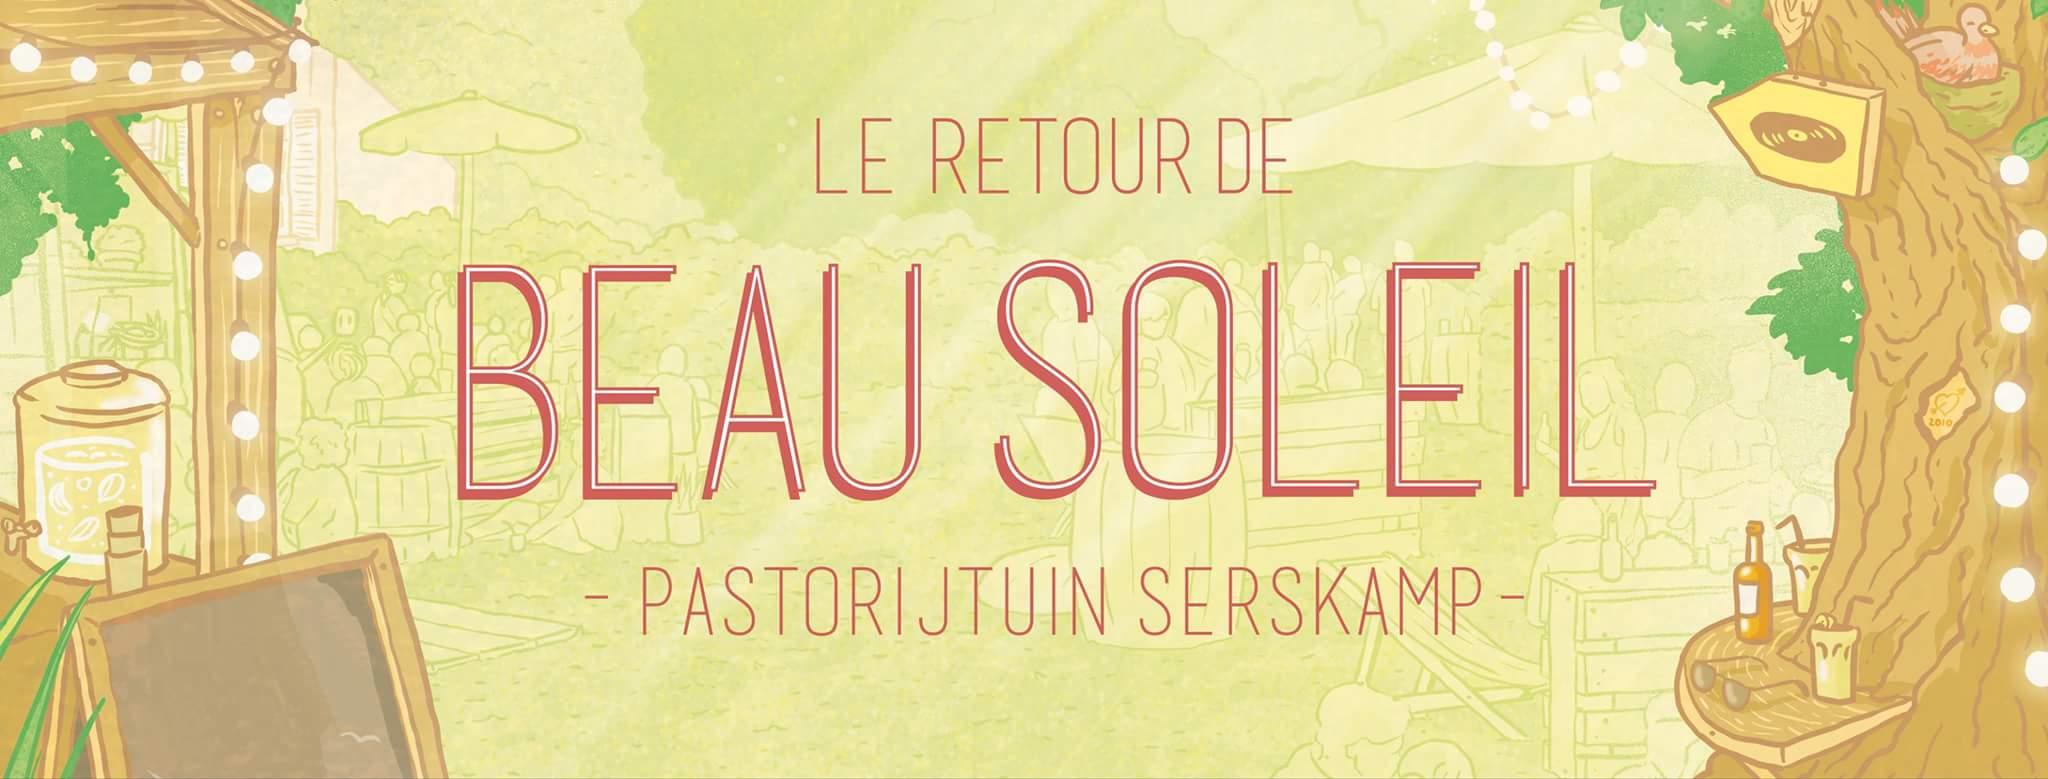 Sfeerbeeld Beau Soleil